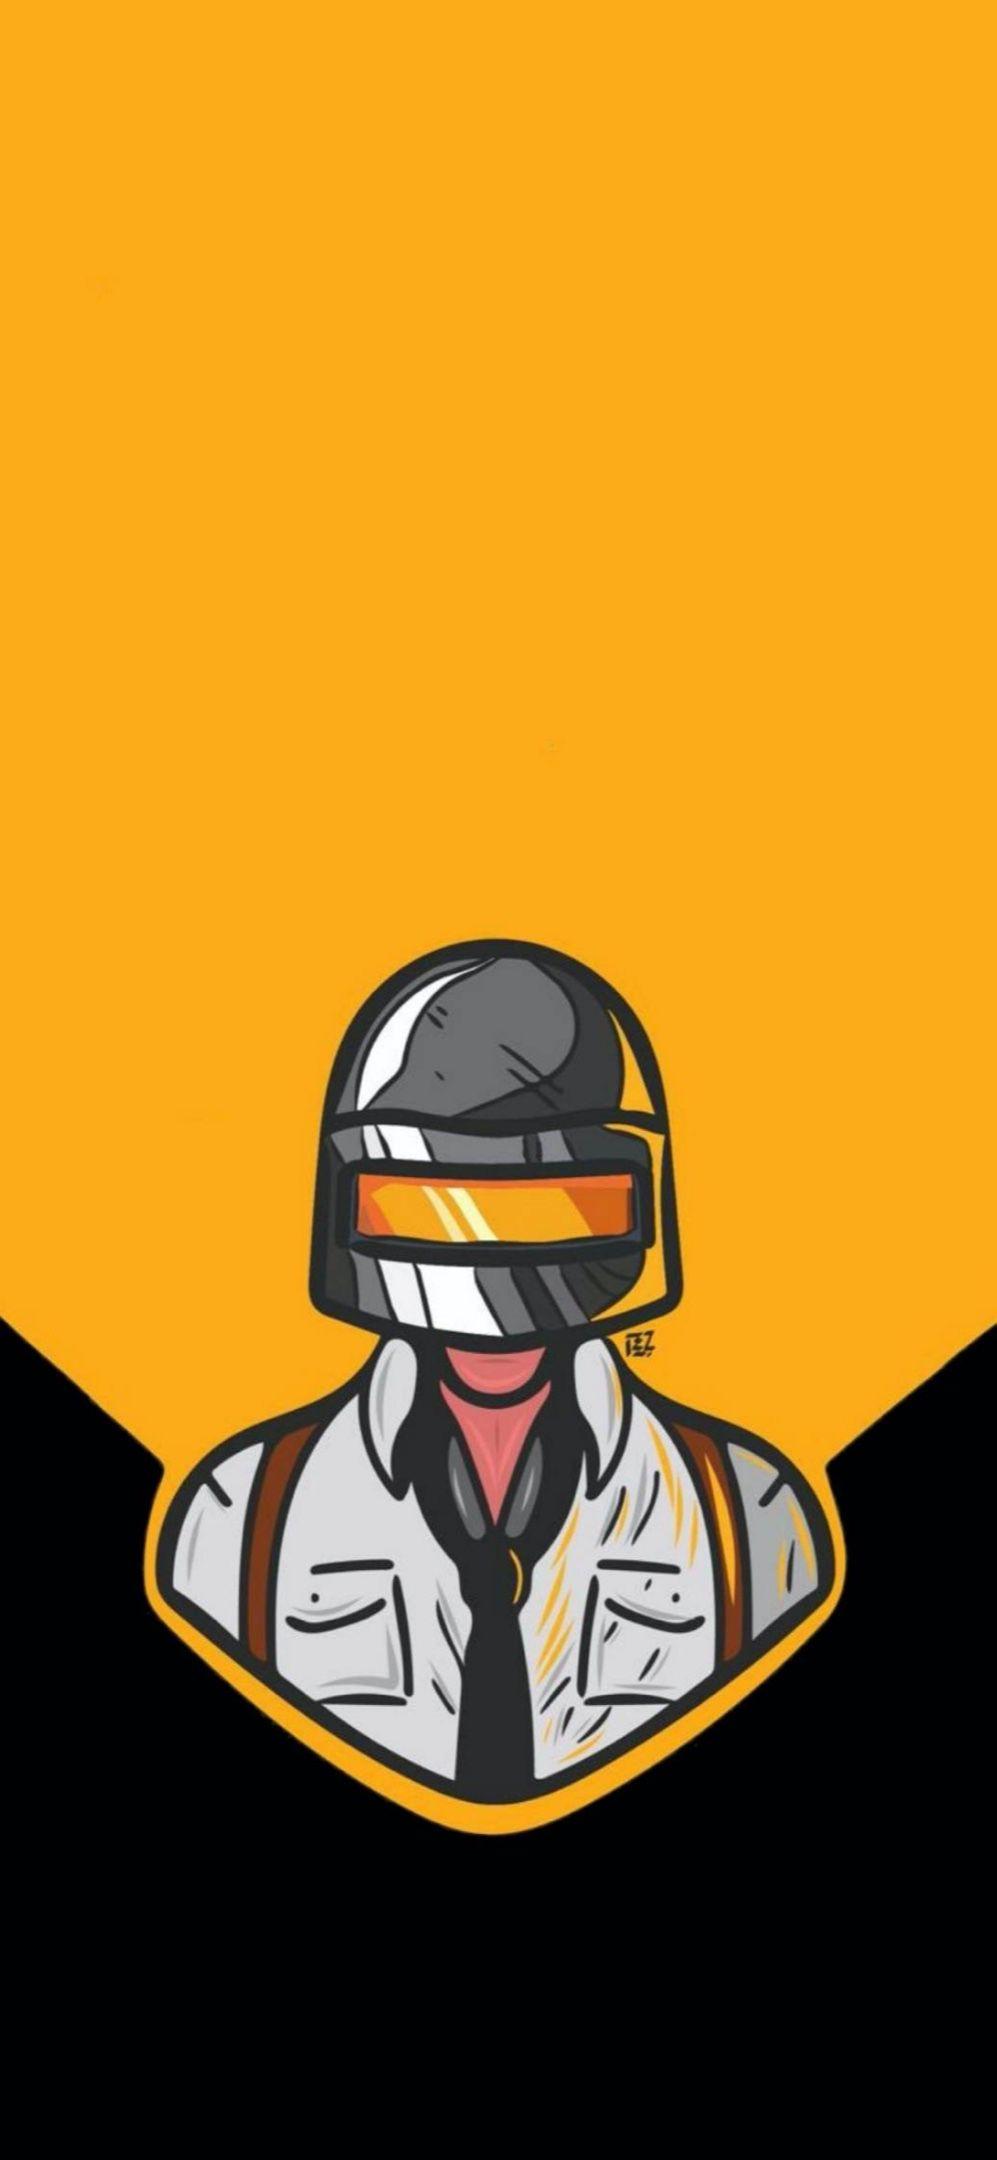 لعبة ببجي Pubg Game Wallpaper Iphone Latar Belakang Animasi Gambar